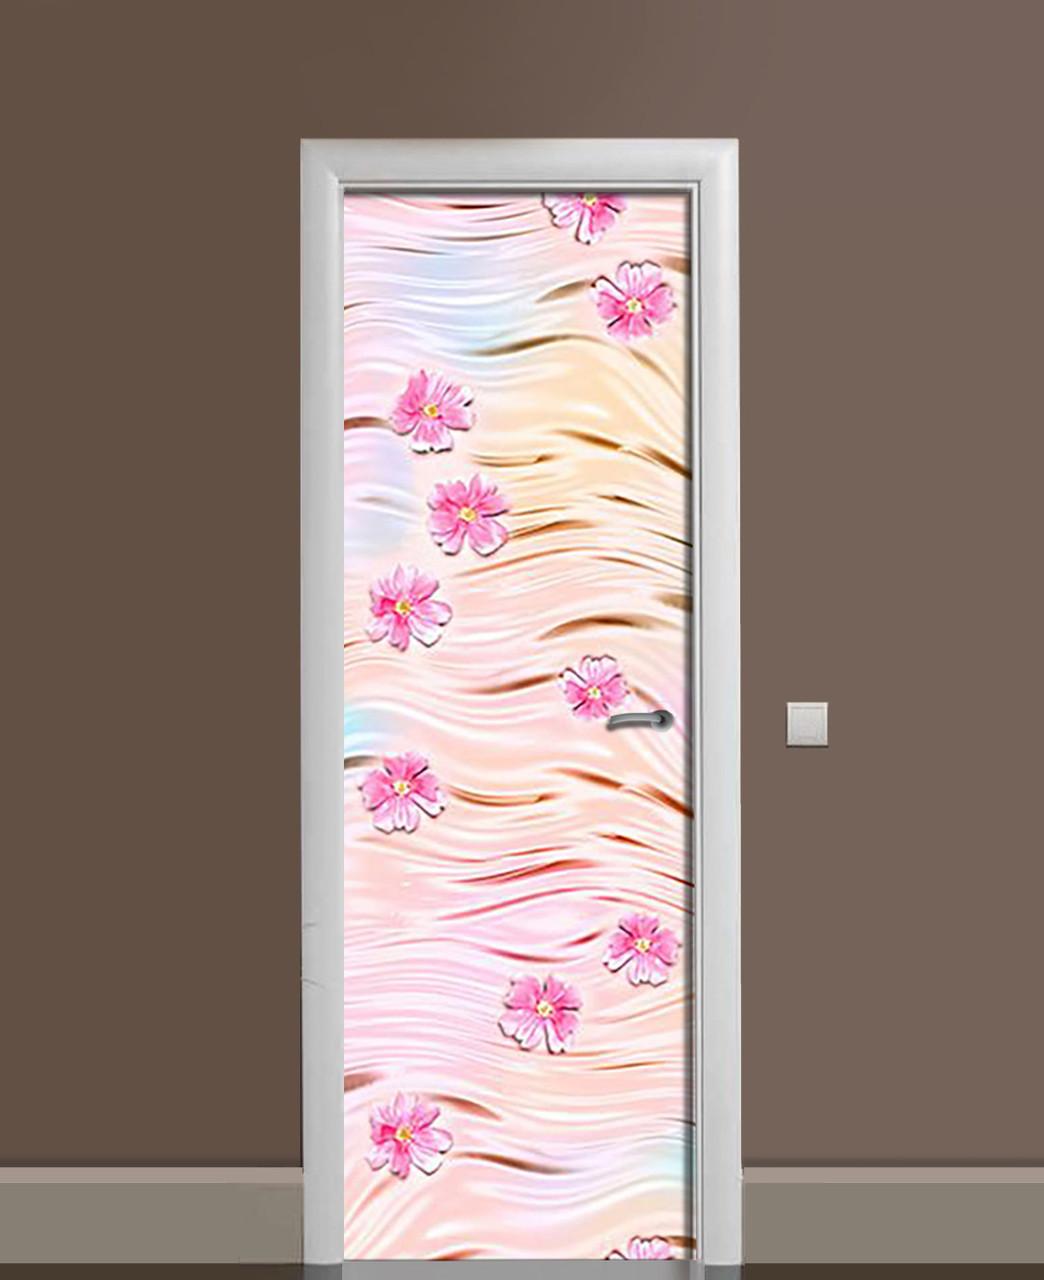 Виниловые наклейки на дверь Герберы и Шелк ПВХ пленка с ламинацией 65*200см Текстуры Розовый